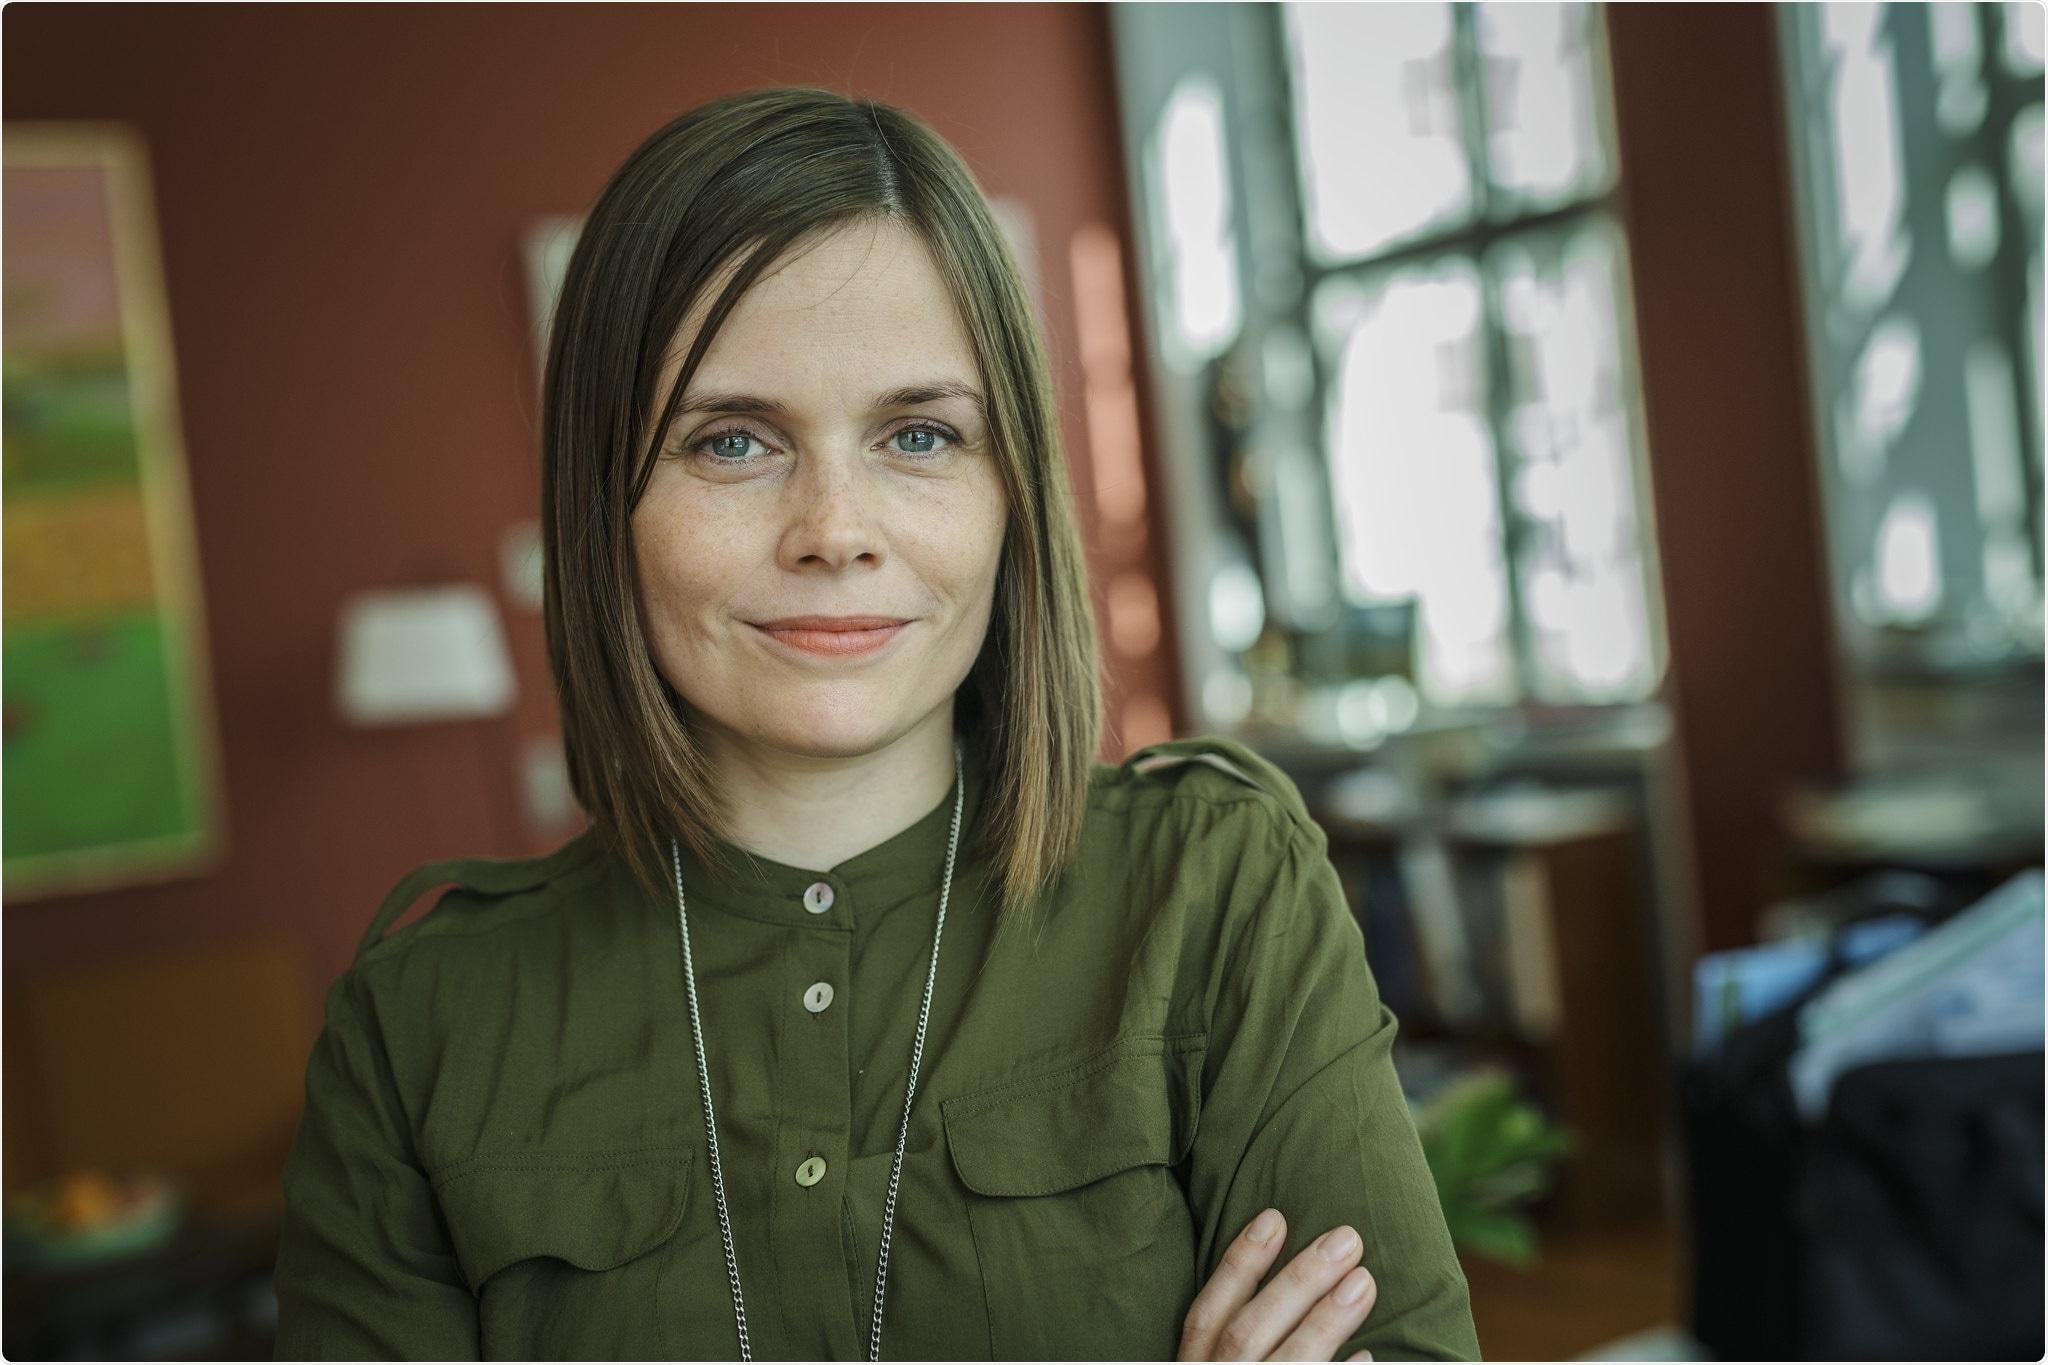 Katrín Jakobsdóttir, Prime Minister of Iceland. Image Credit: NordForsk/Kim Wendt